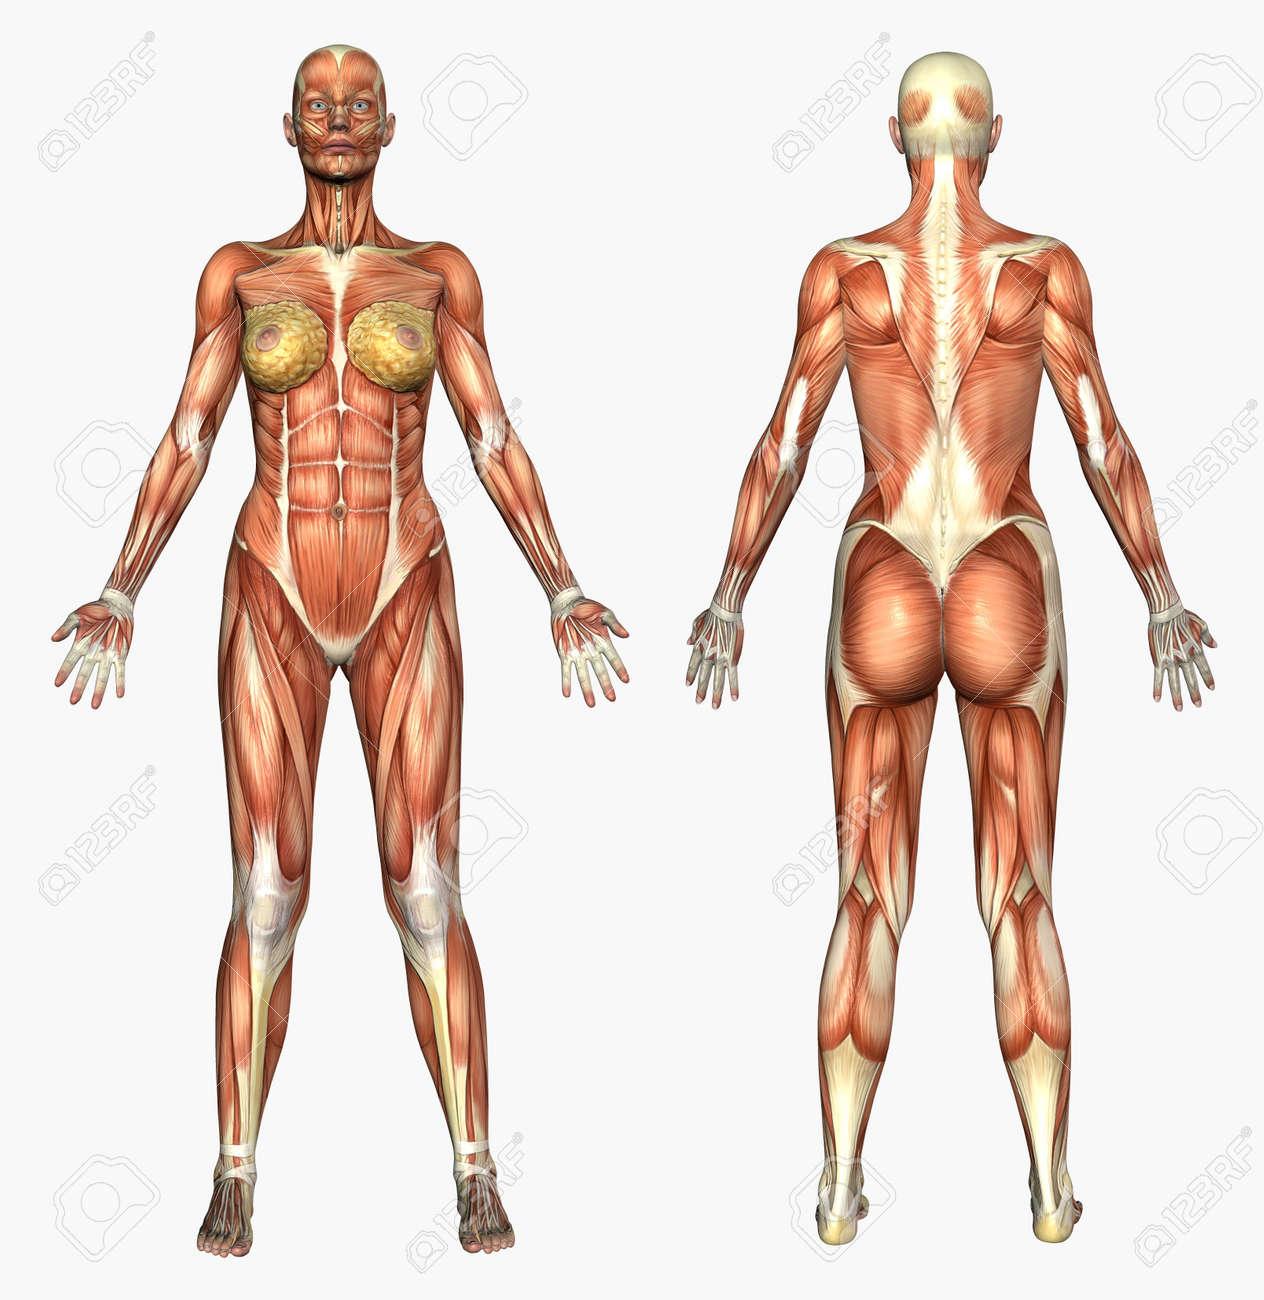 3D Hacen Que Representa La Anatomía Humana - Músculos - Hembra ...